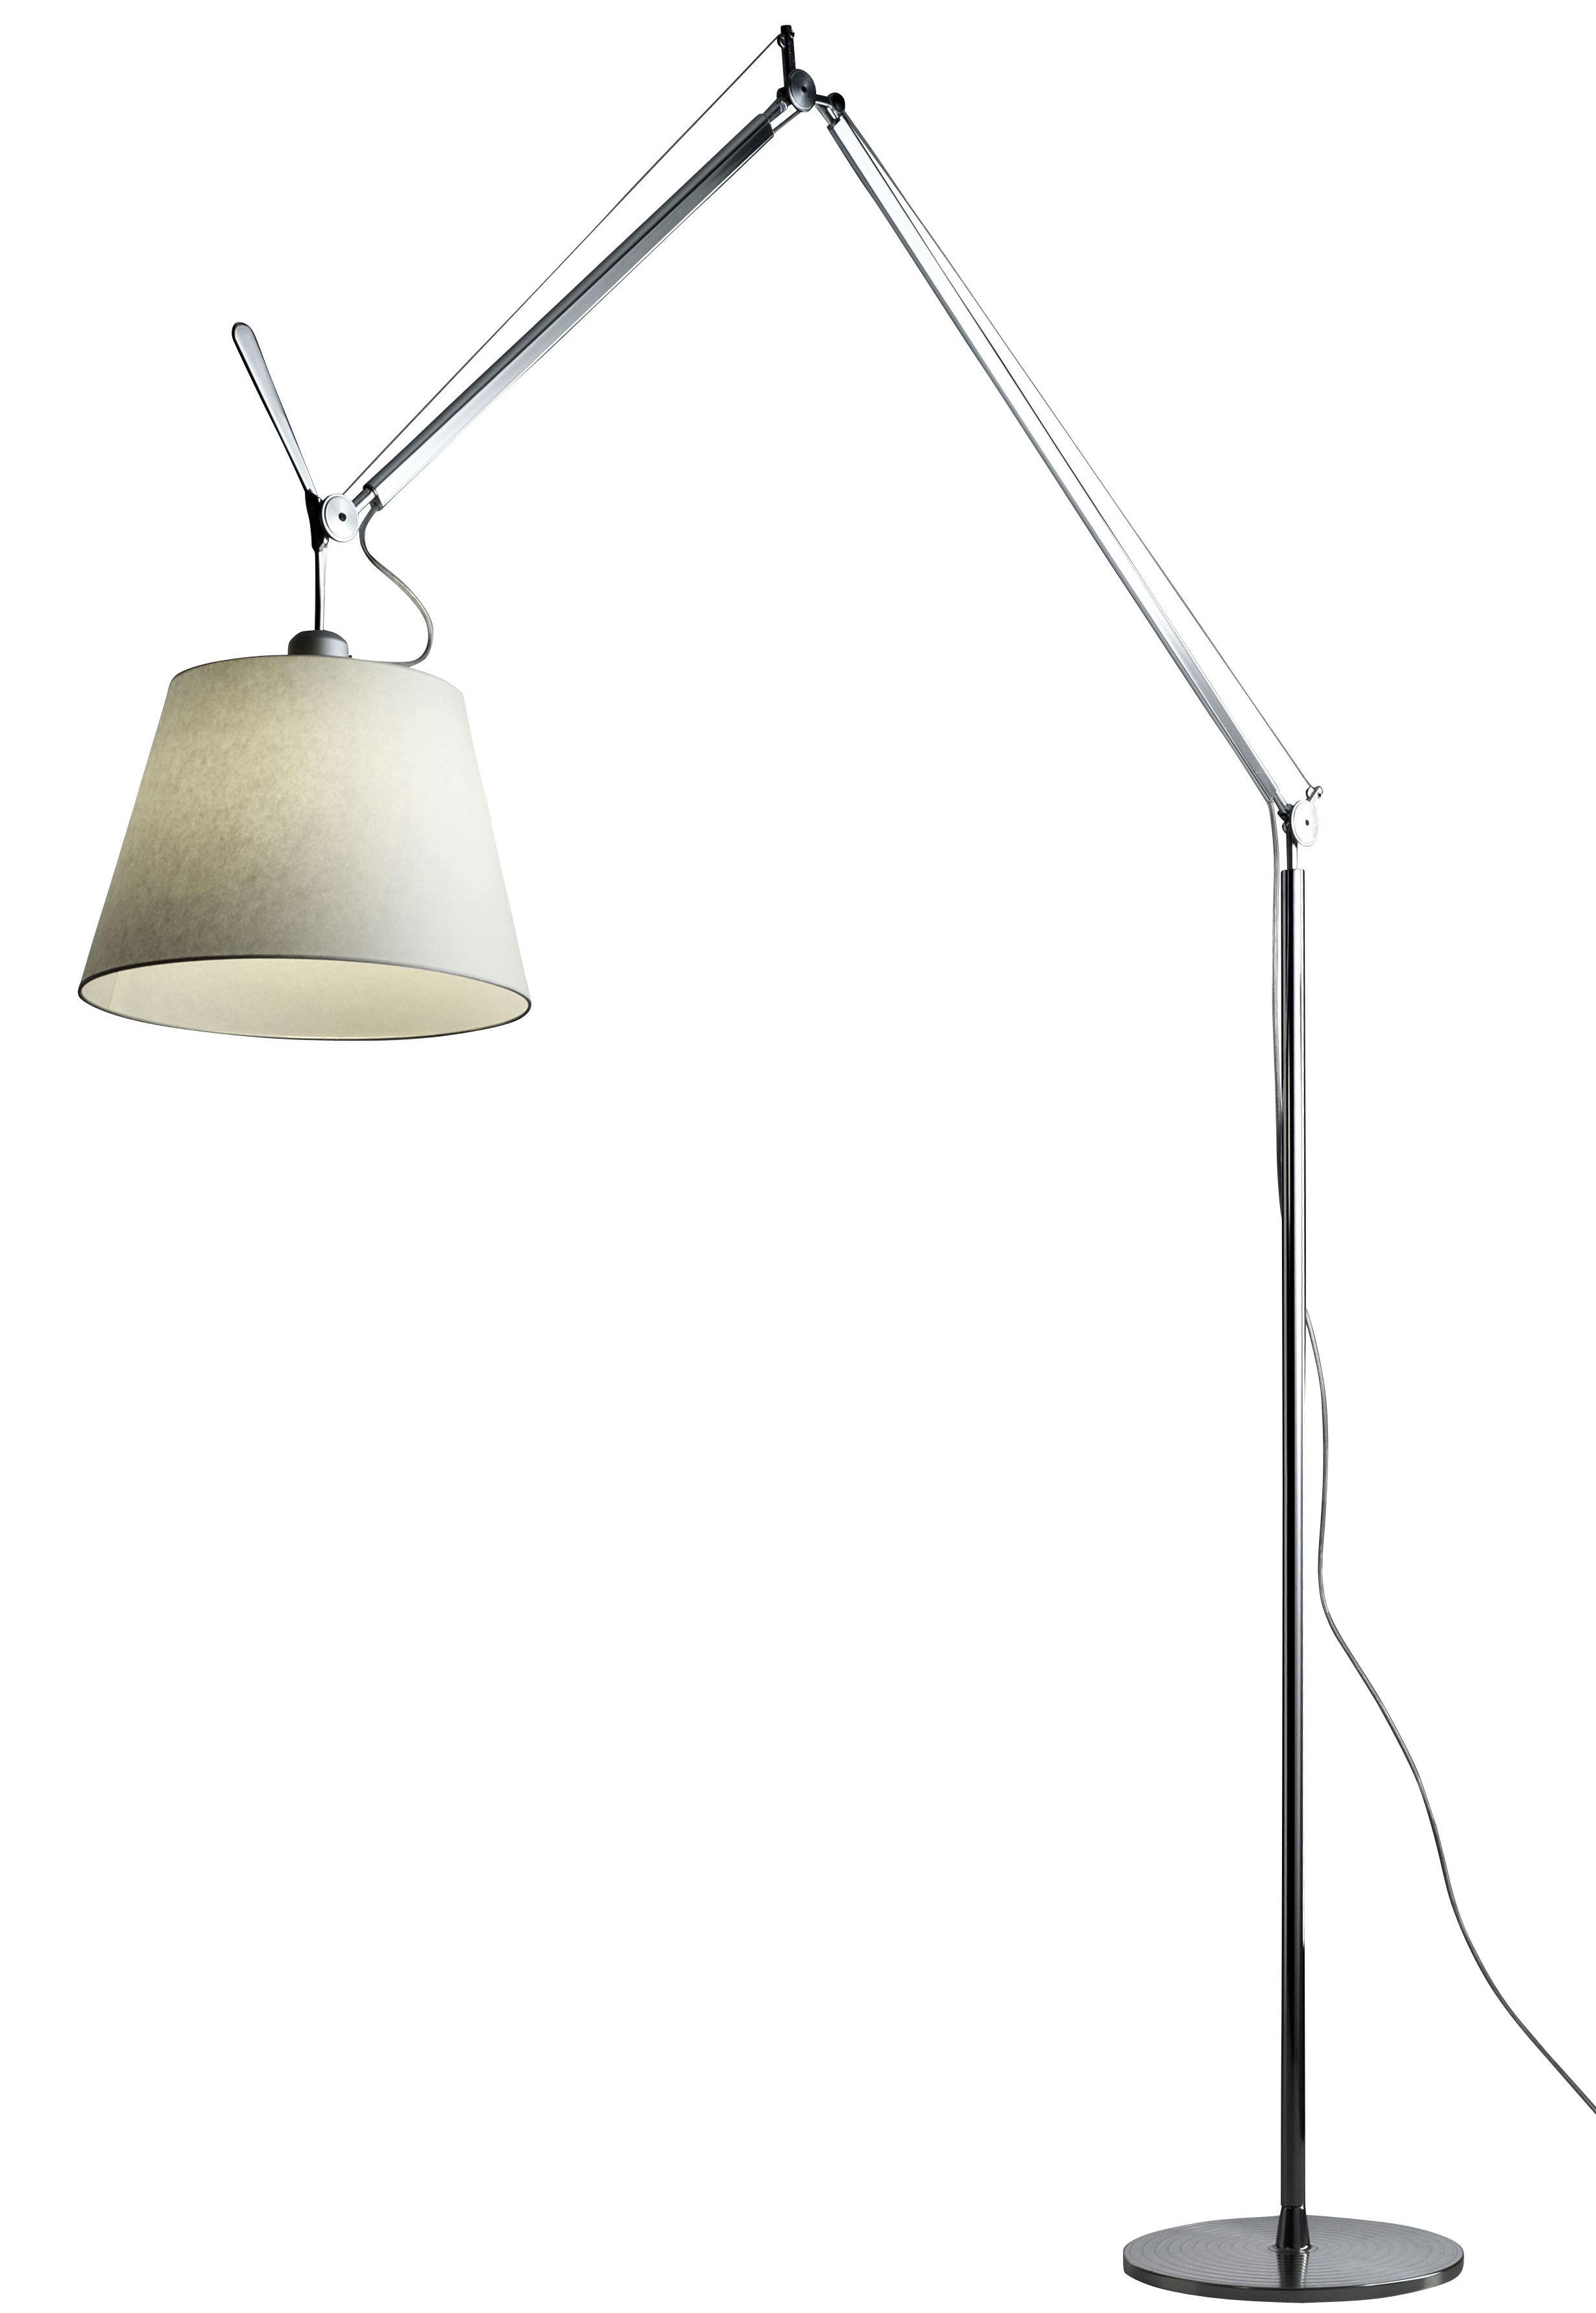 Leuchten - Stehleuchten - Tolomeo Mega LED Stehleuchte / H 148 bis 327 cm - Artemide - Lampenschirm Ø 42 cm / naturfarben - Pergamentpapier, poliertes Aluminium